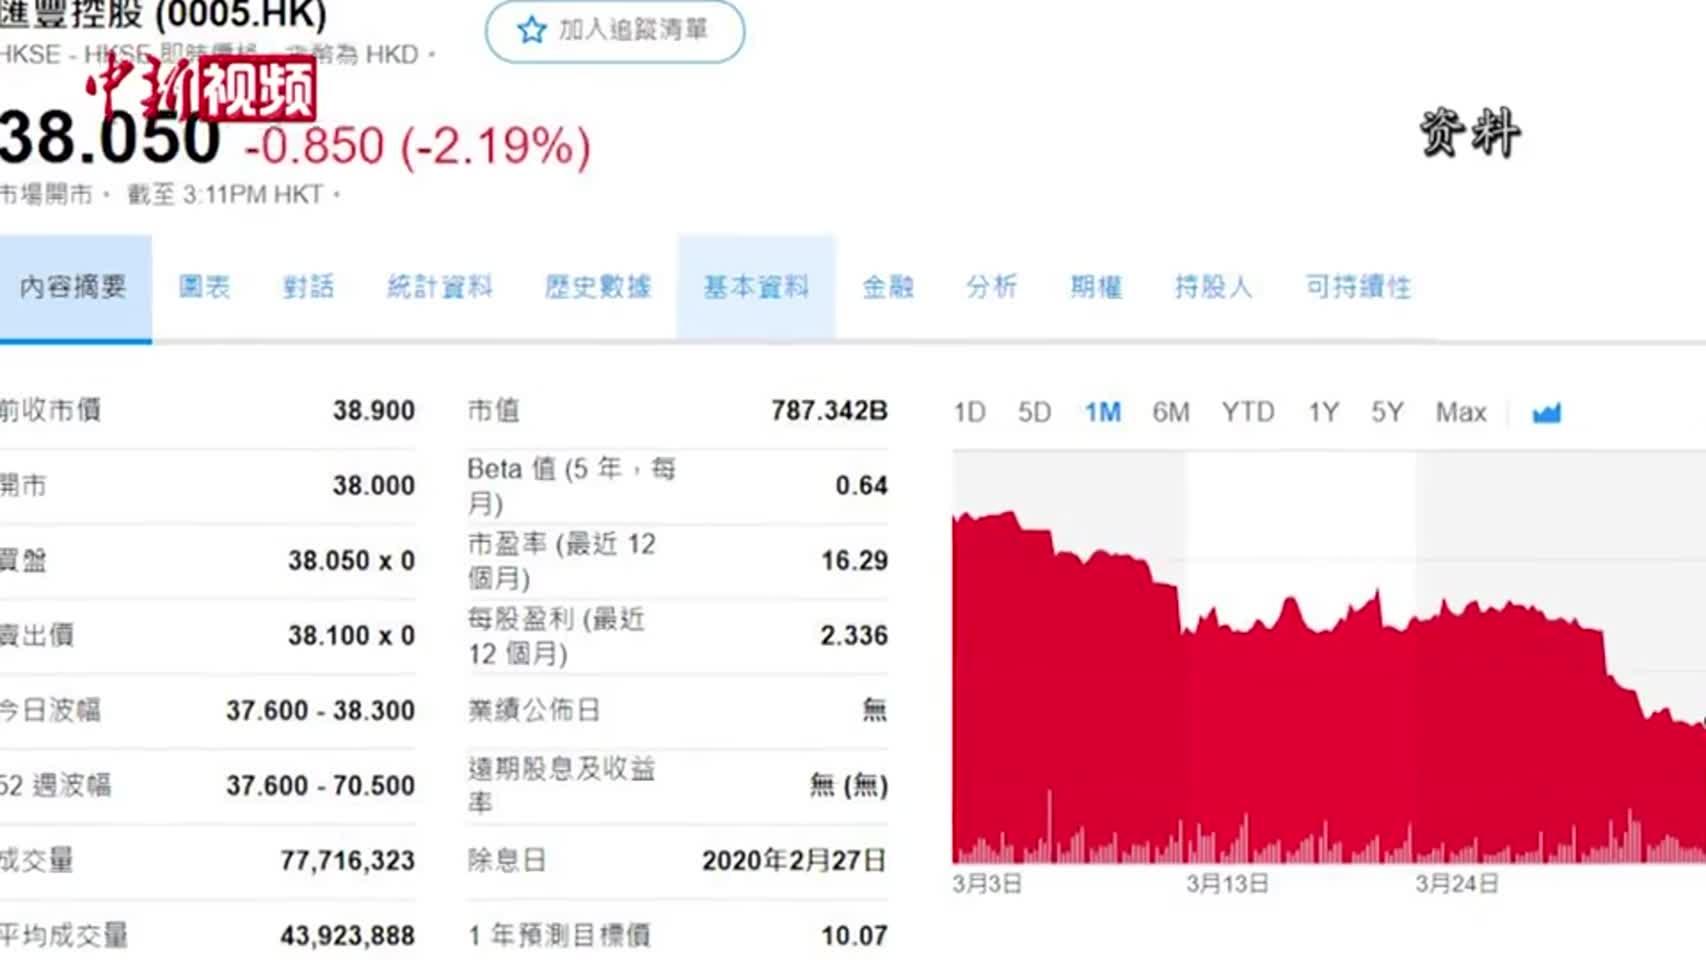 汇丰渣打停止派息股价大跌 专家称短期内政策不会改变